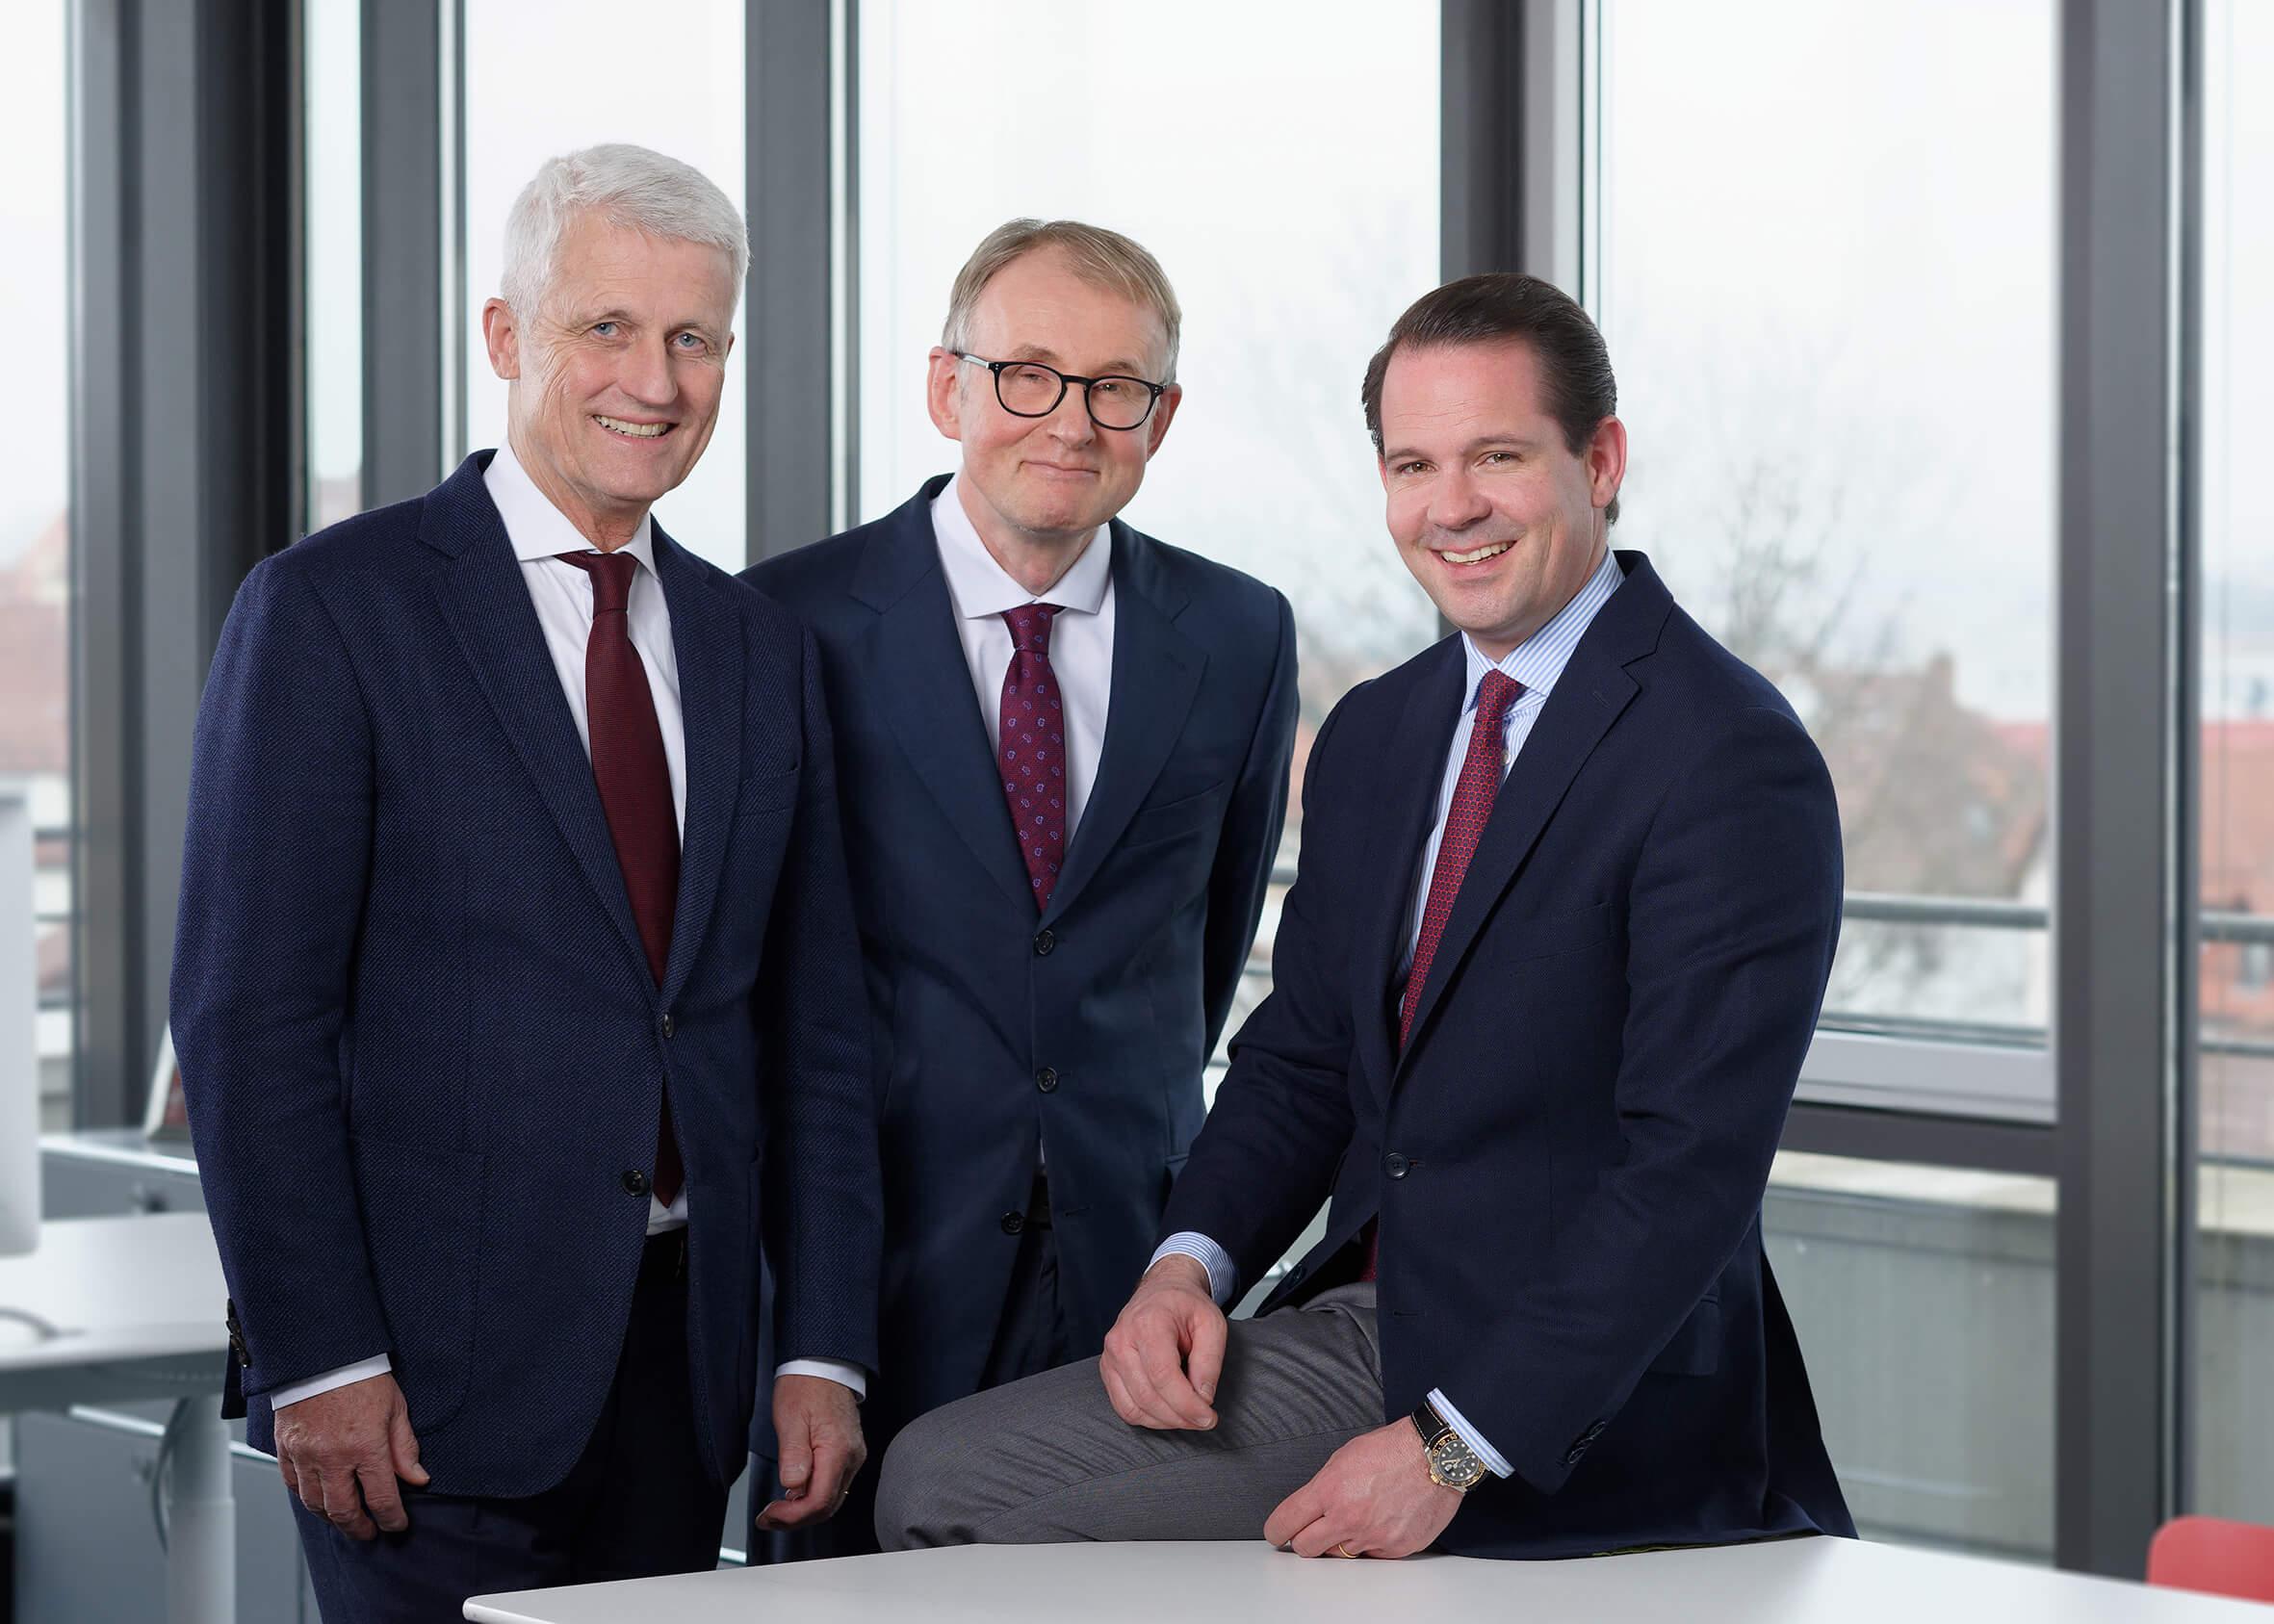 REIFF-Gruppe Geschäftsleitung: Hubert Reiff, Dr. Immanuel Kohn, Alec Reiff